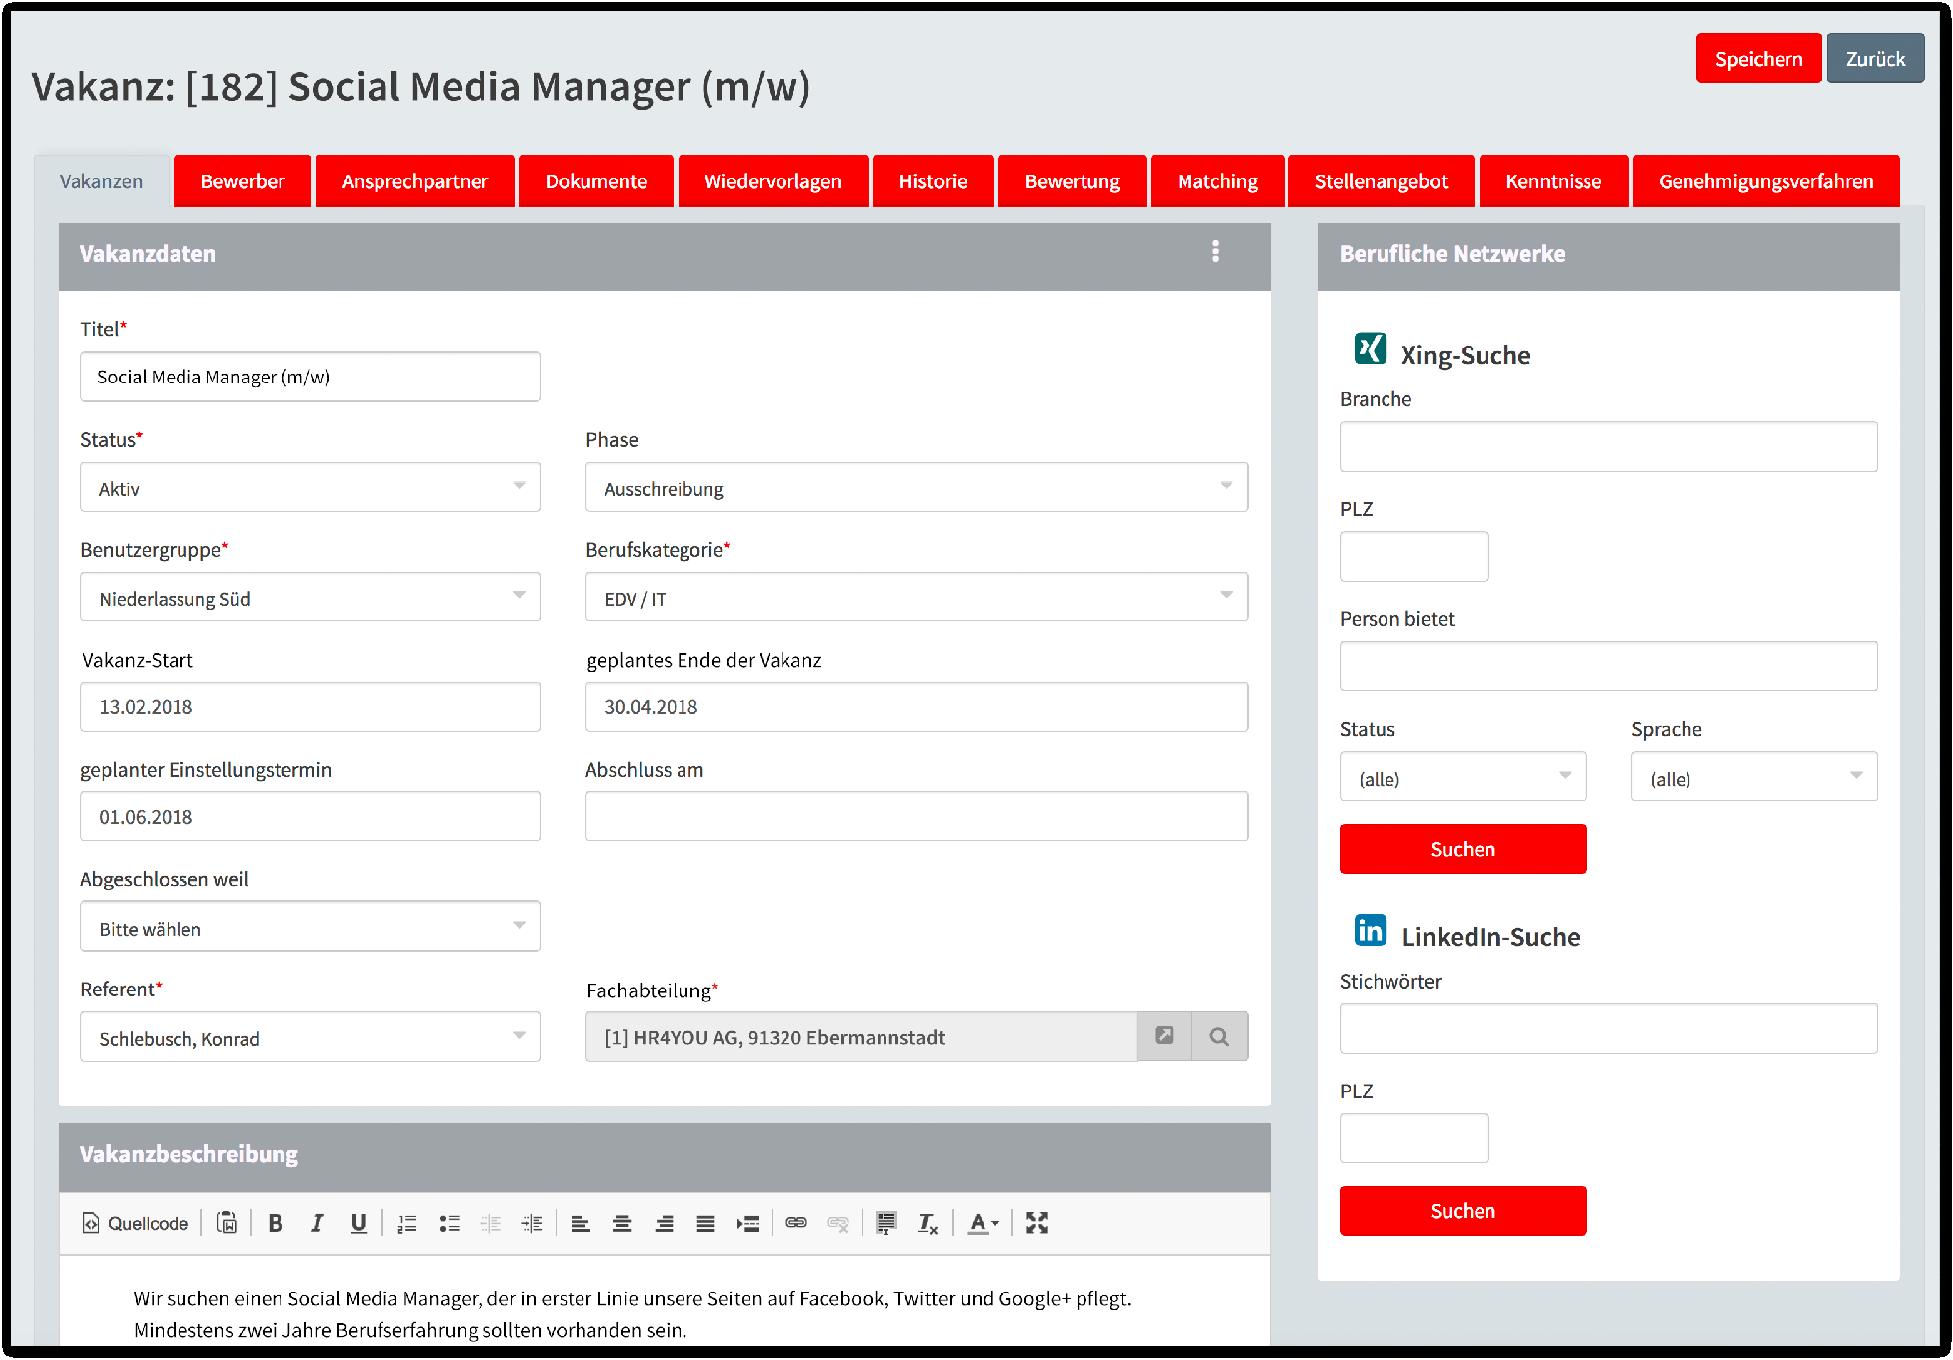 Vakanz: Social Media Manager